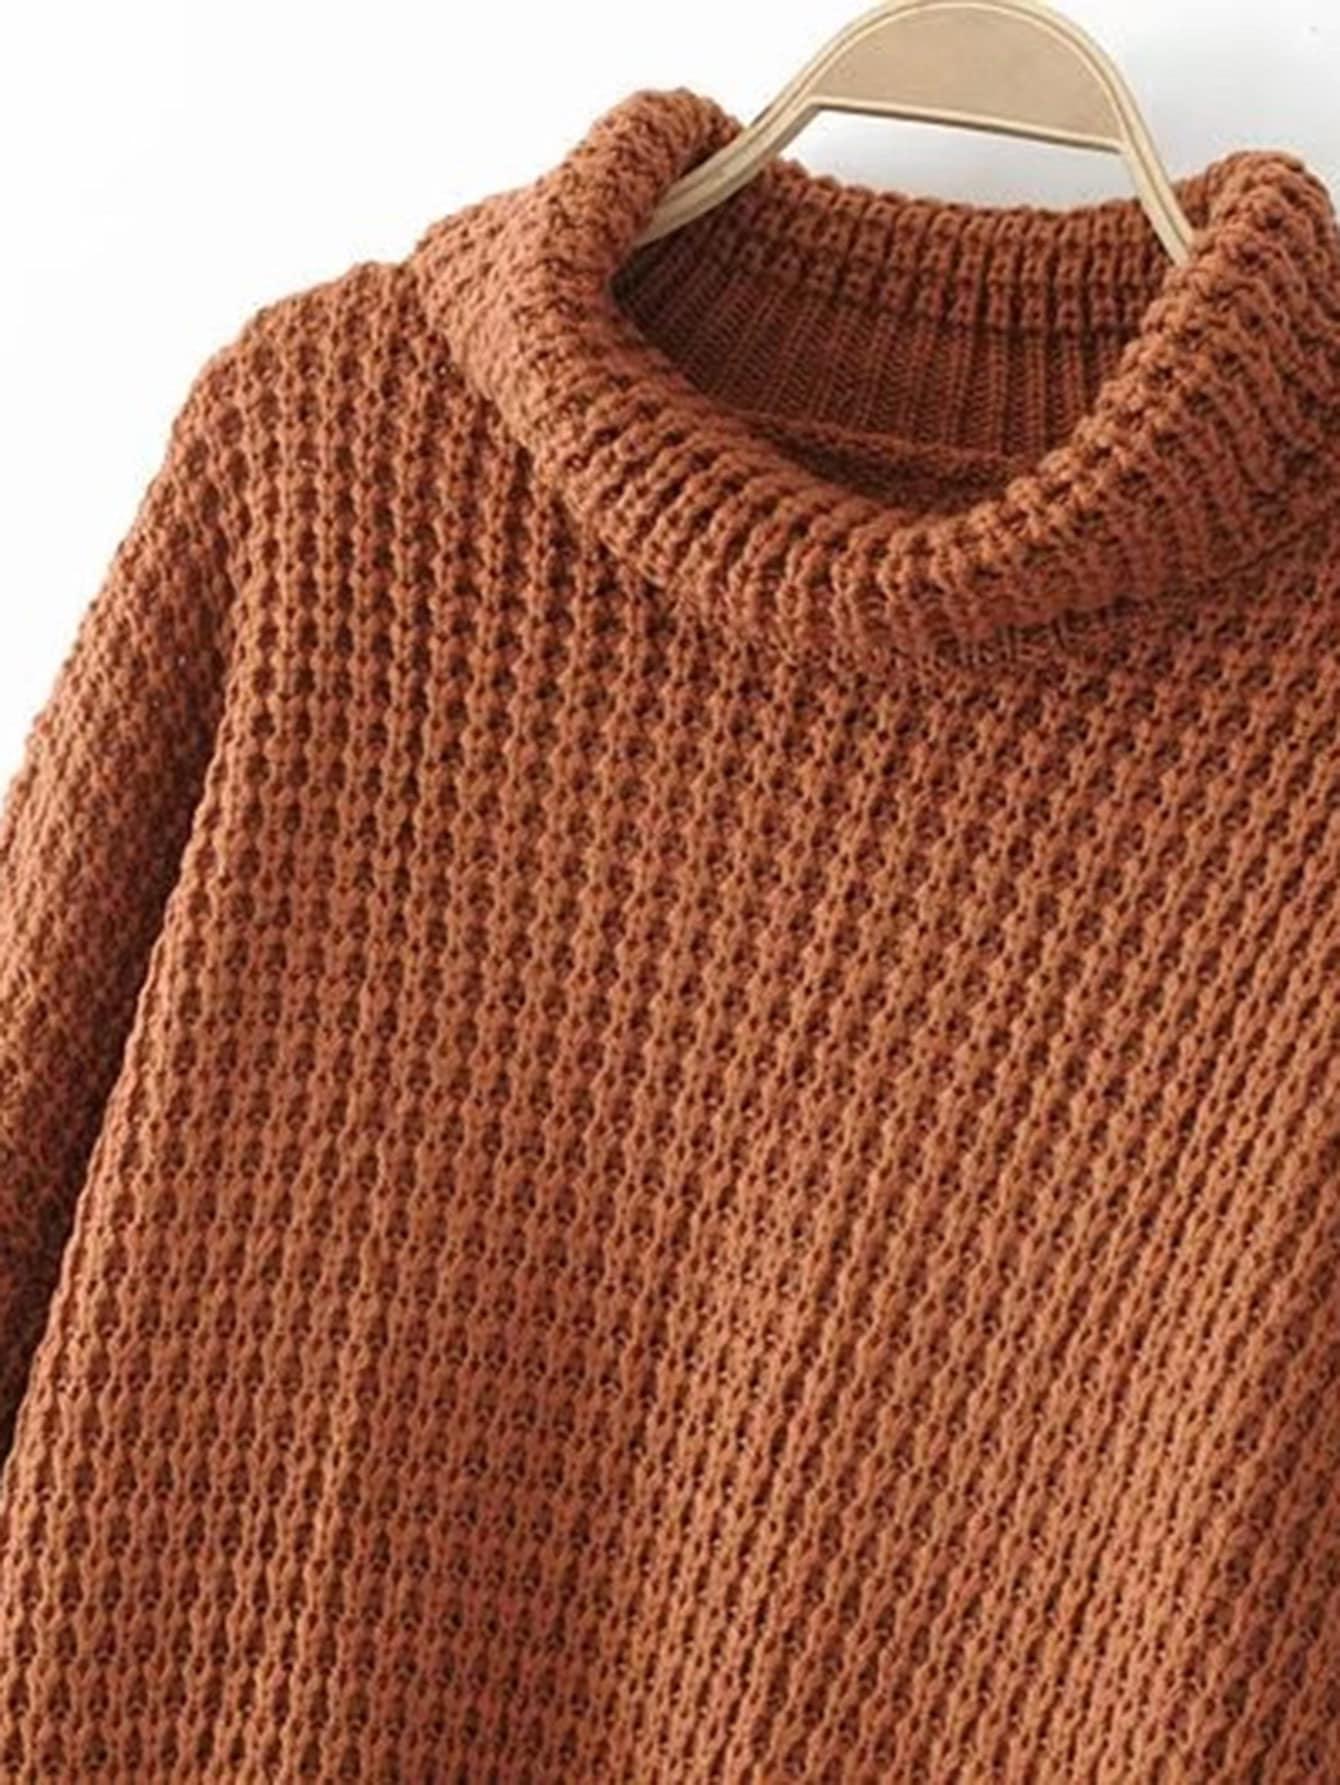 Turtleneck Waffle Knit SweaterFor Women-romwe